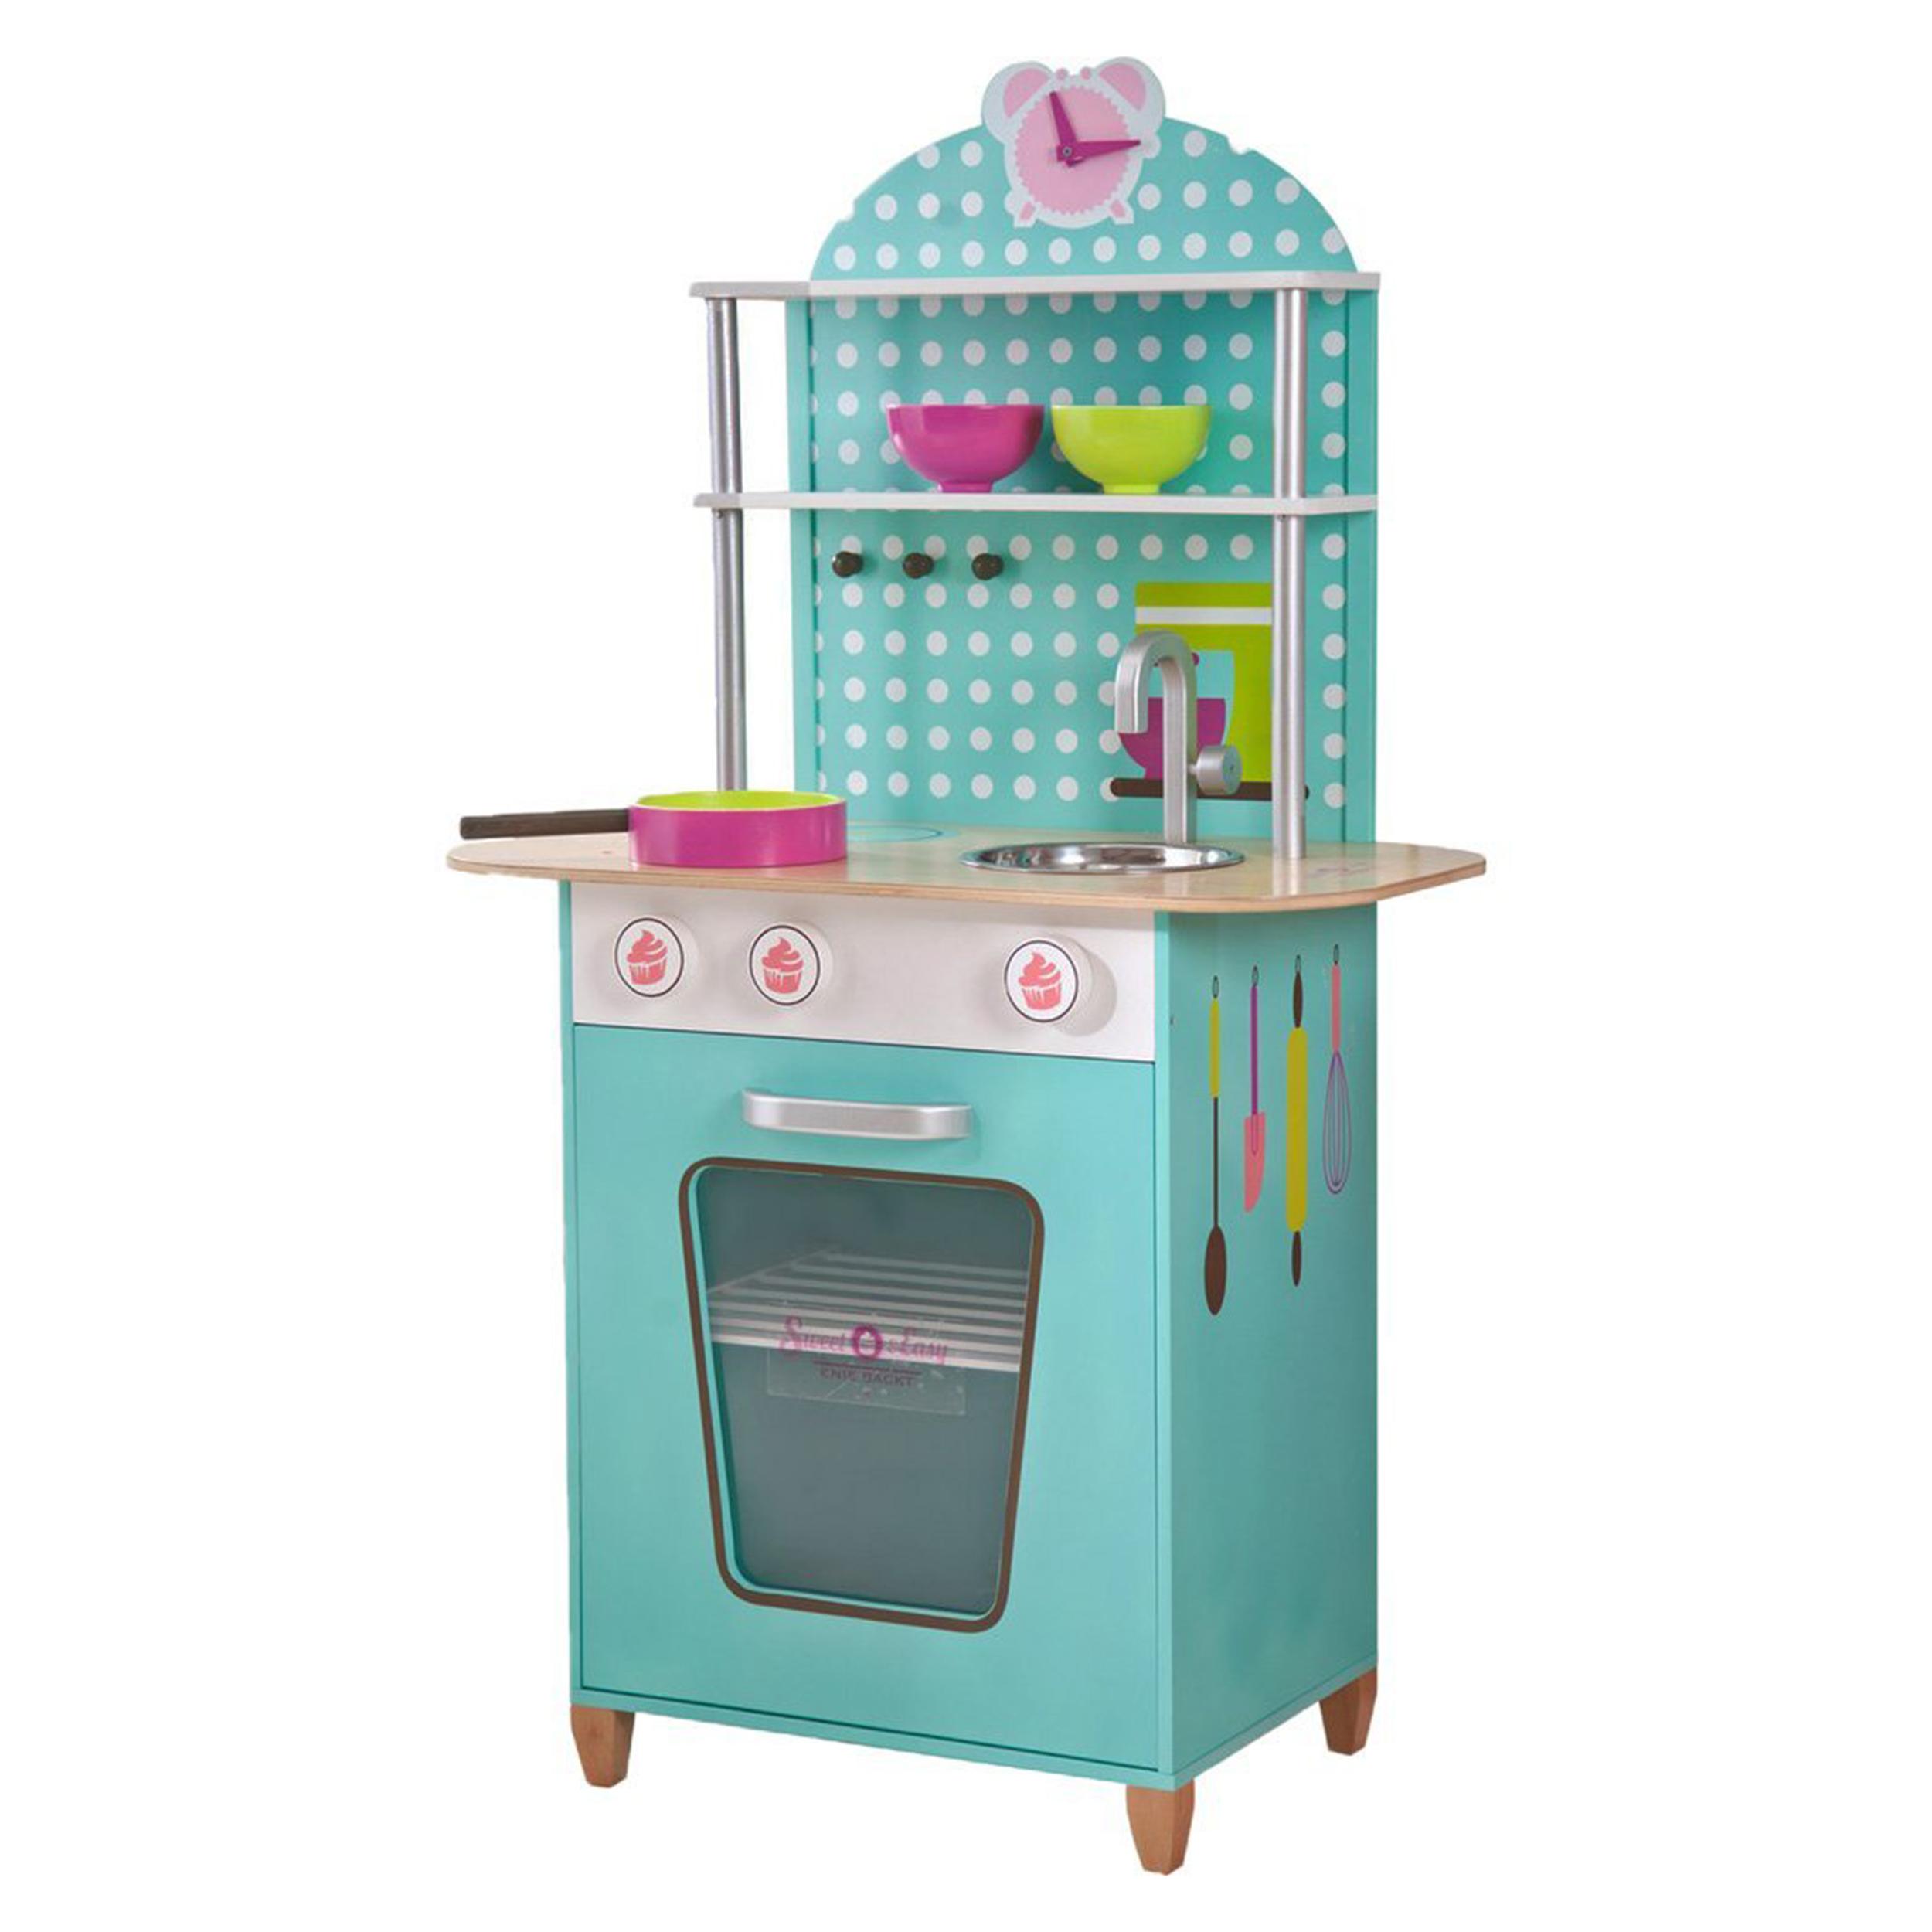 Full Size of Küche Mint Pink Papaya Holz Spielkche Spülbecken Miniküche Sitzbank Einbauküche Mit E Geräten Elektrogeräten Günstig Wasserhahn Niederdruck Armatur Wohnzimmer Küche Mint